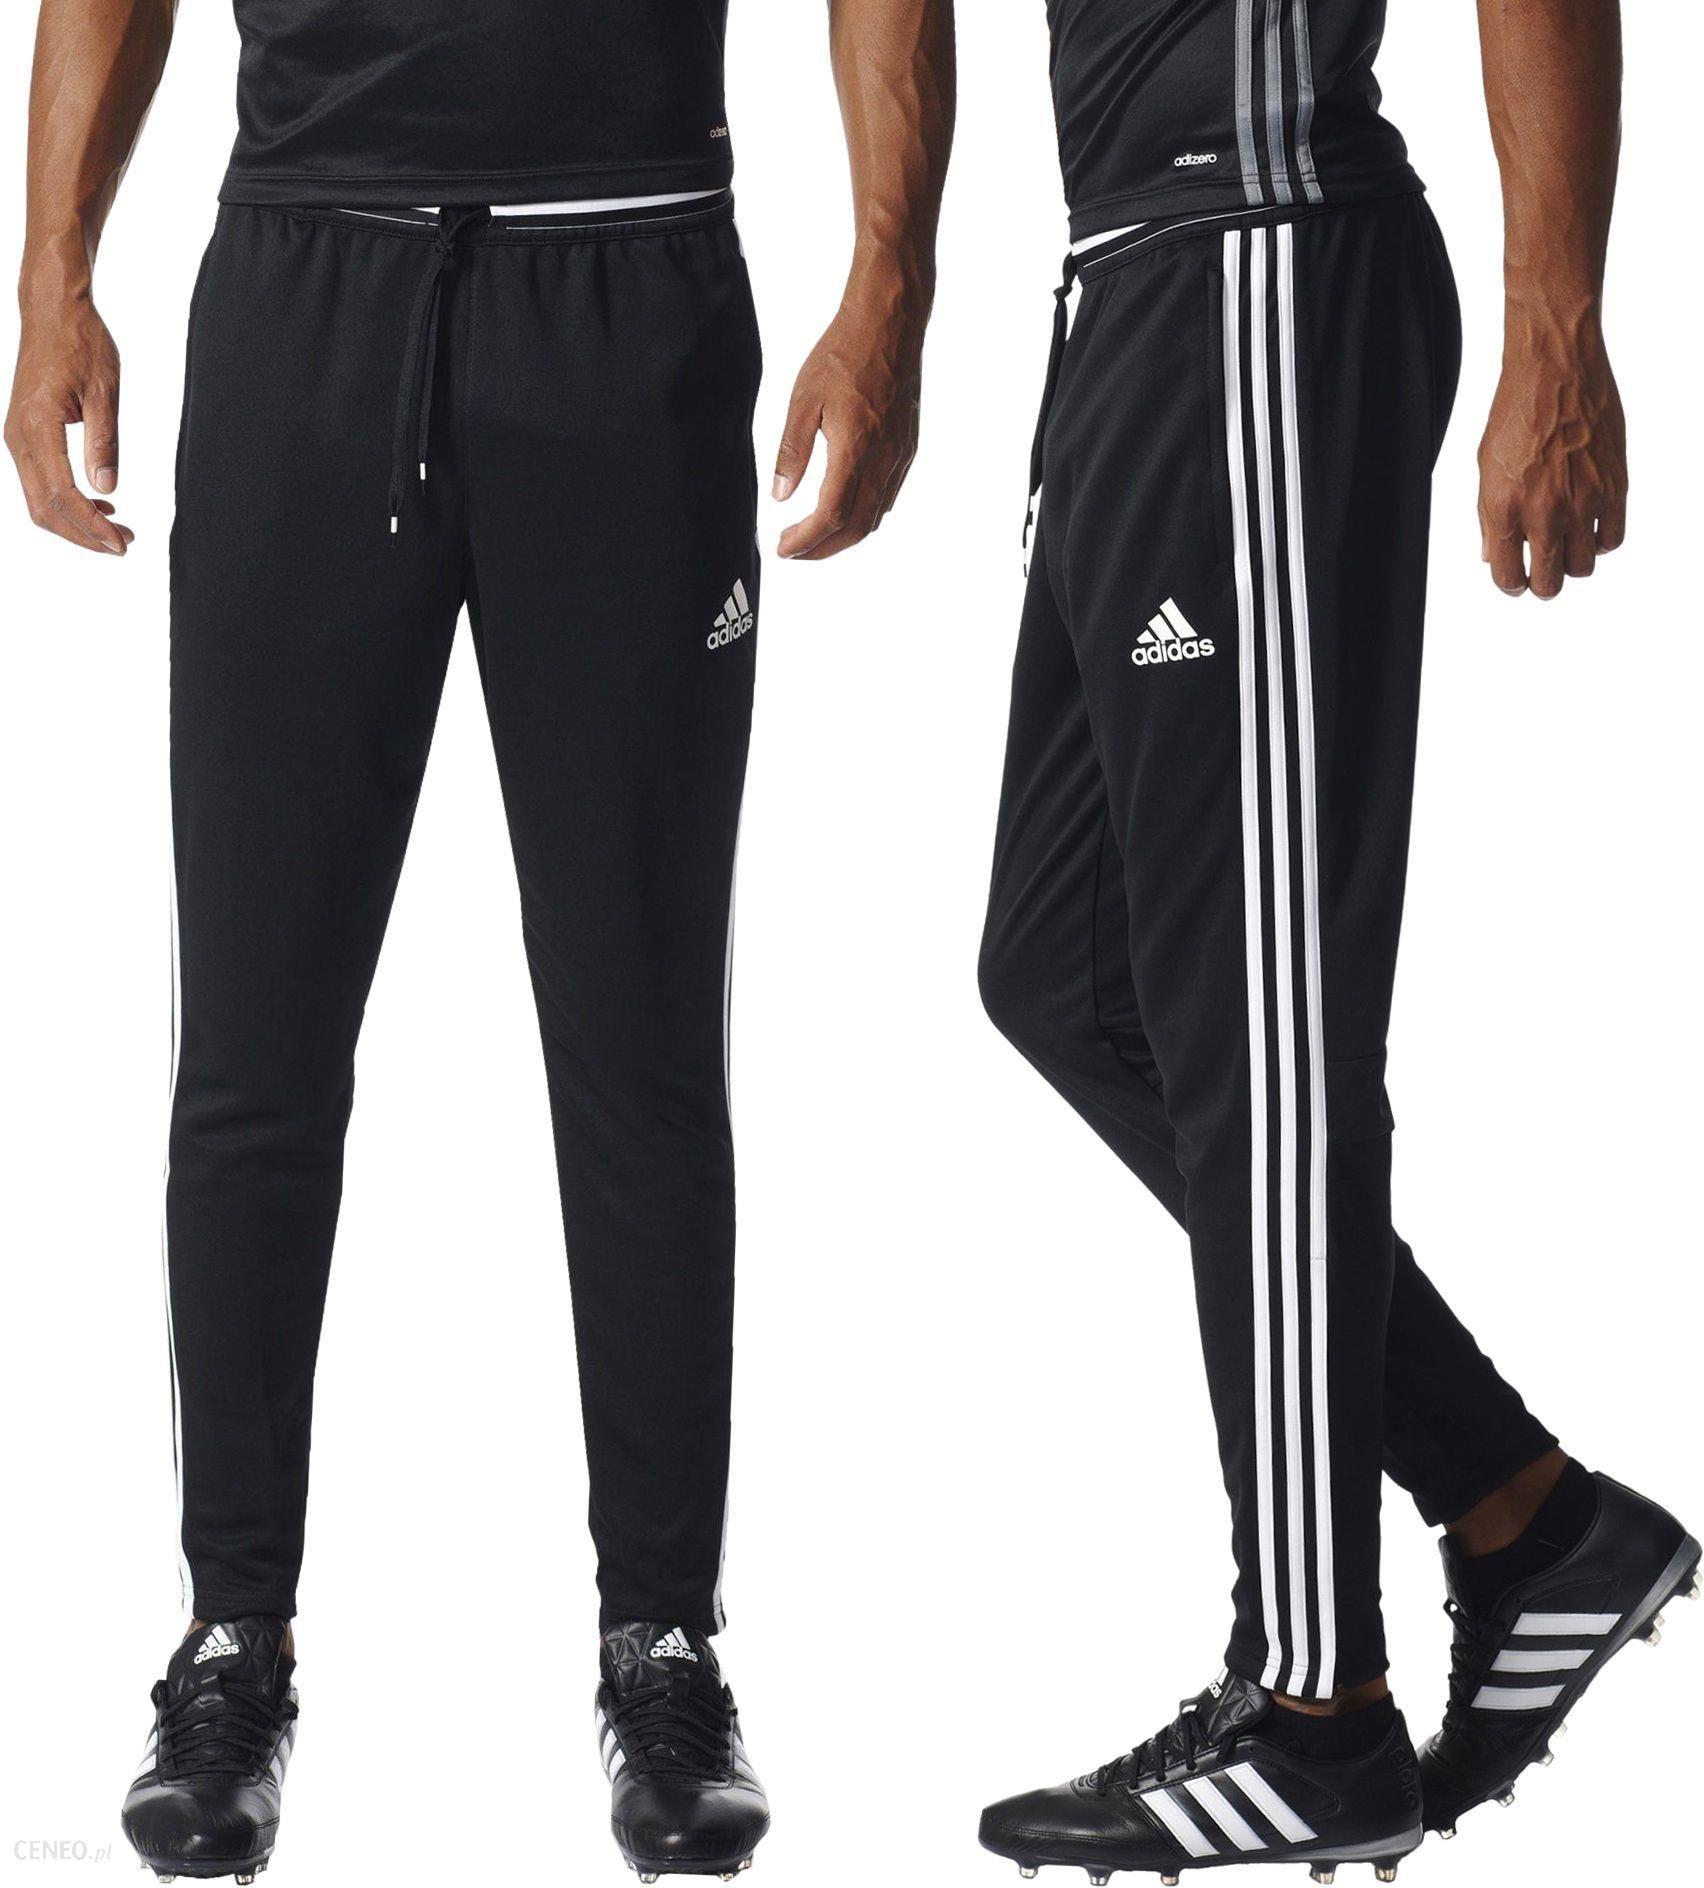 100% wysokiej jakości innowacyjny design Nowa lista Adidas Condivo 16 Spodnie Treningowe AX6087 L - Ceny i opinie - Ceneo.pl